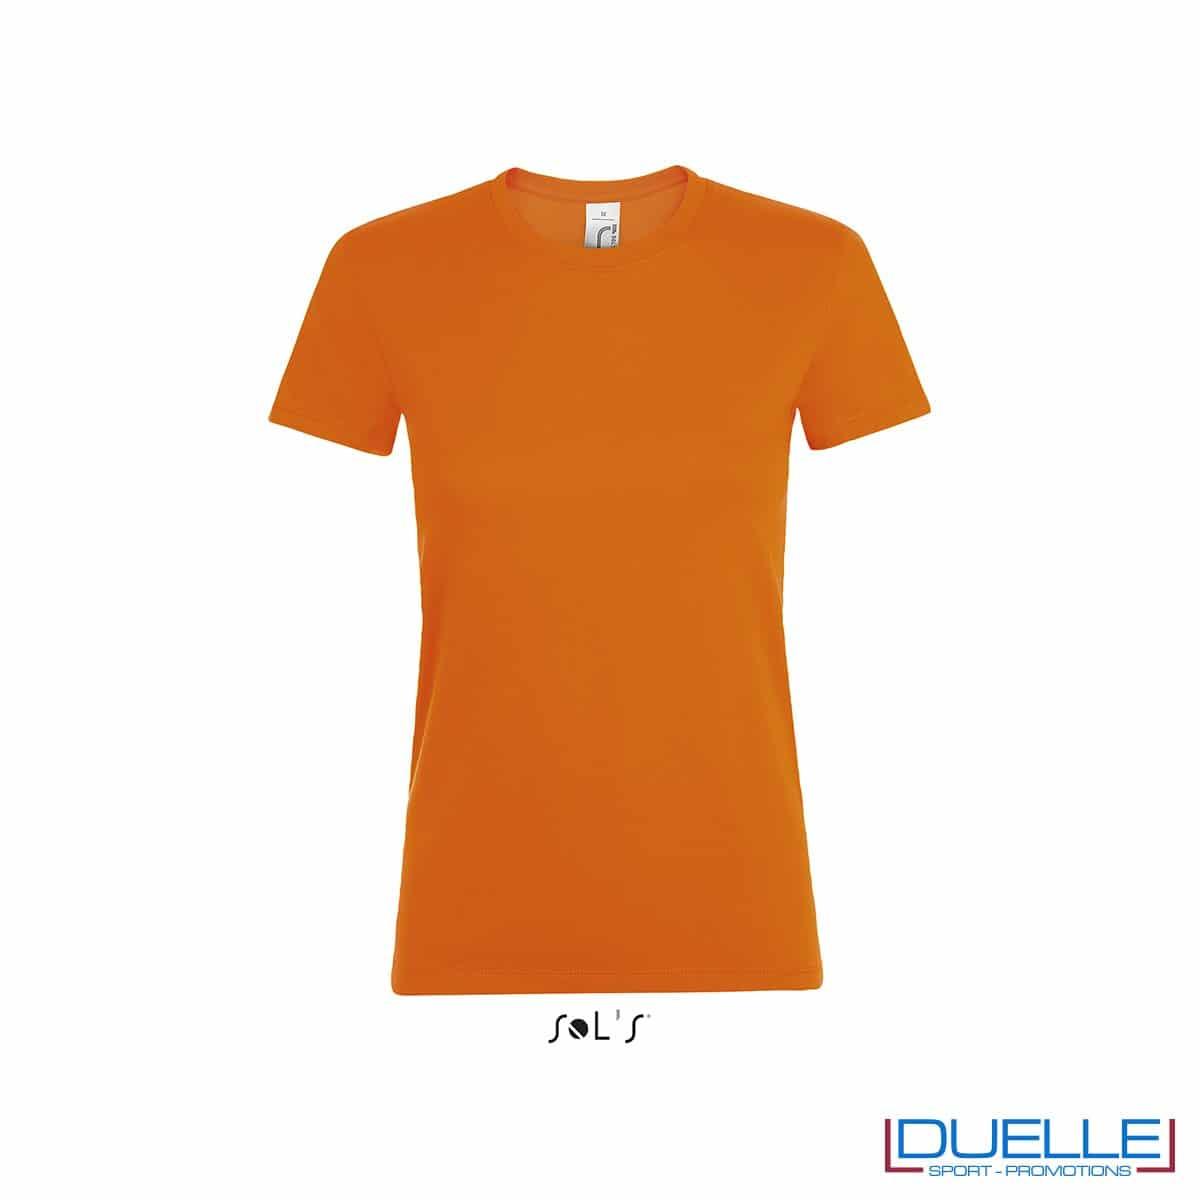 Magliette donna personalizzate colore arancione